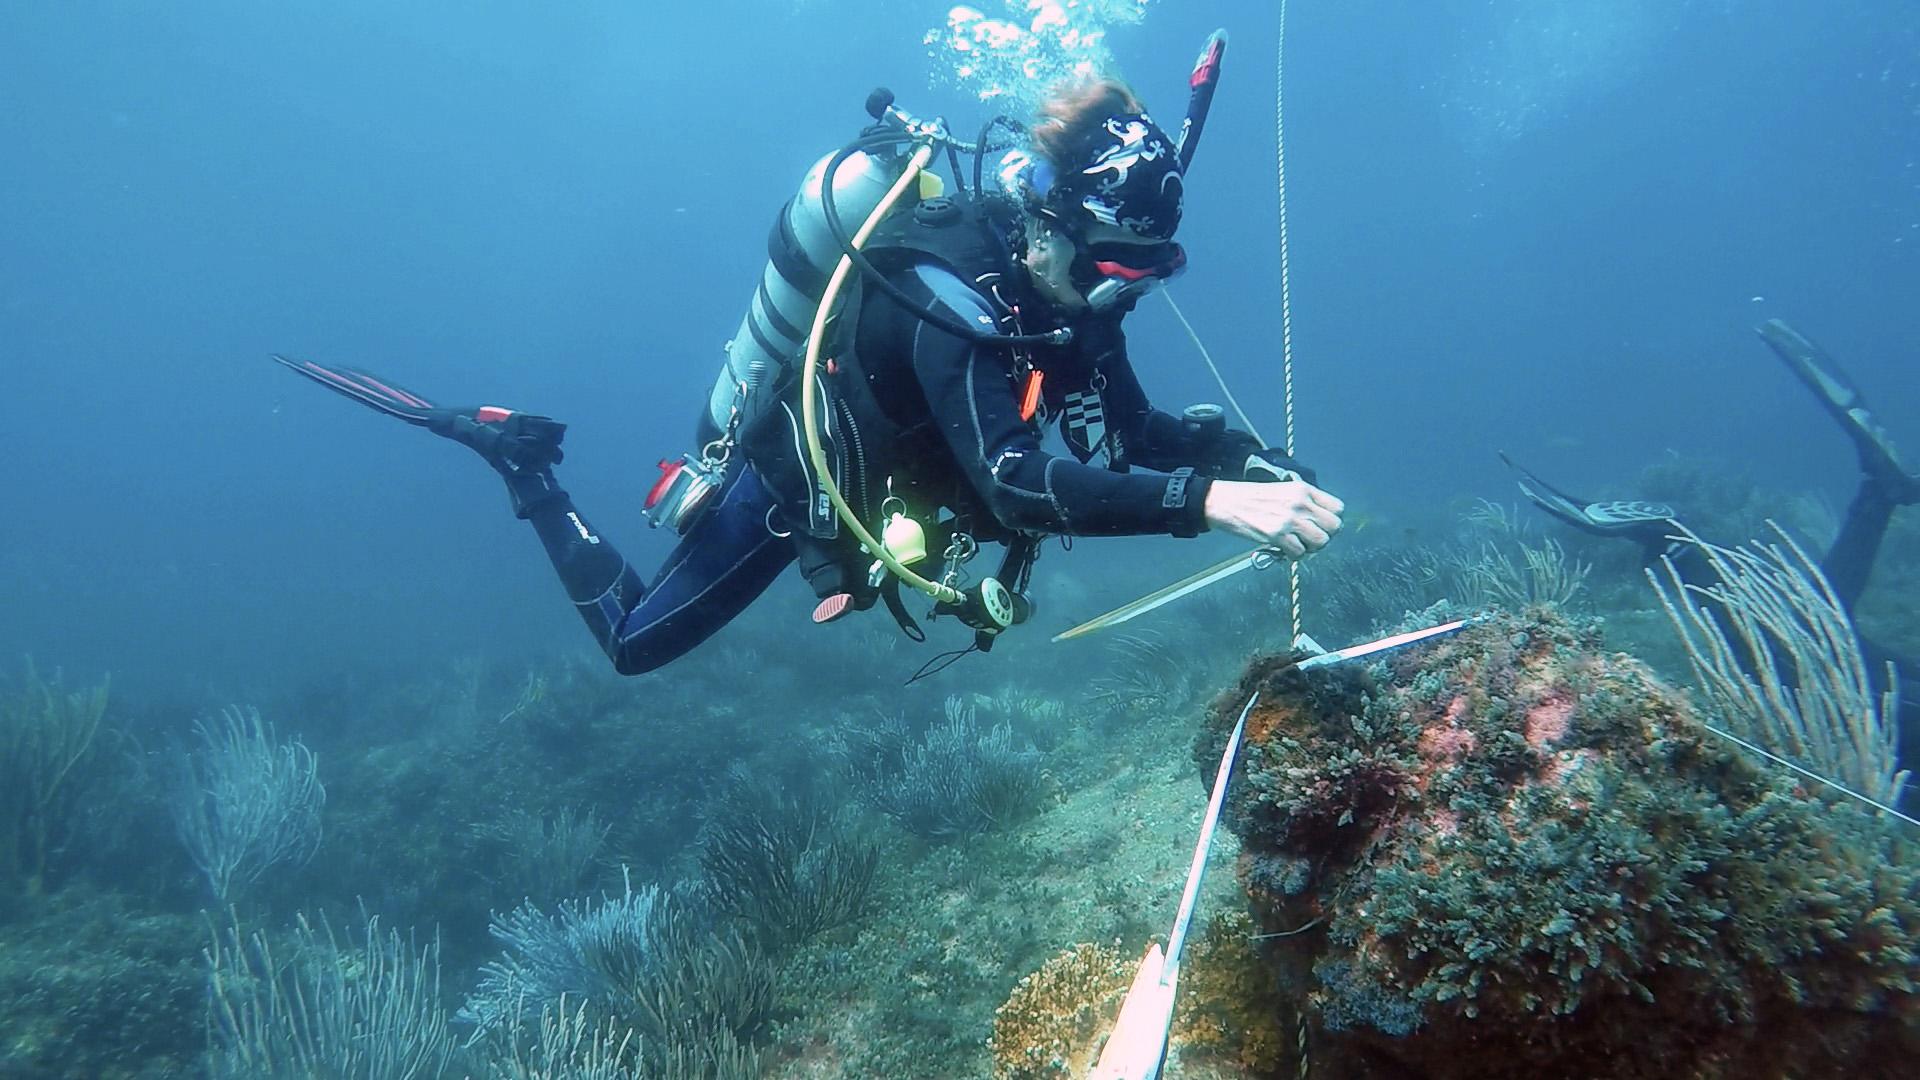 La arqueóloga subacuática Helena Barba es reelecta en el Consejo Asesor Científico y Técnico de la Convención 2001 de la UNESCO